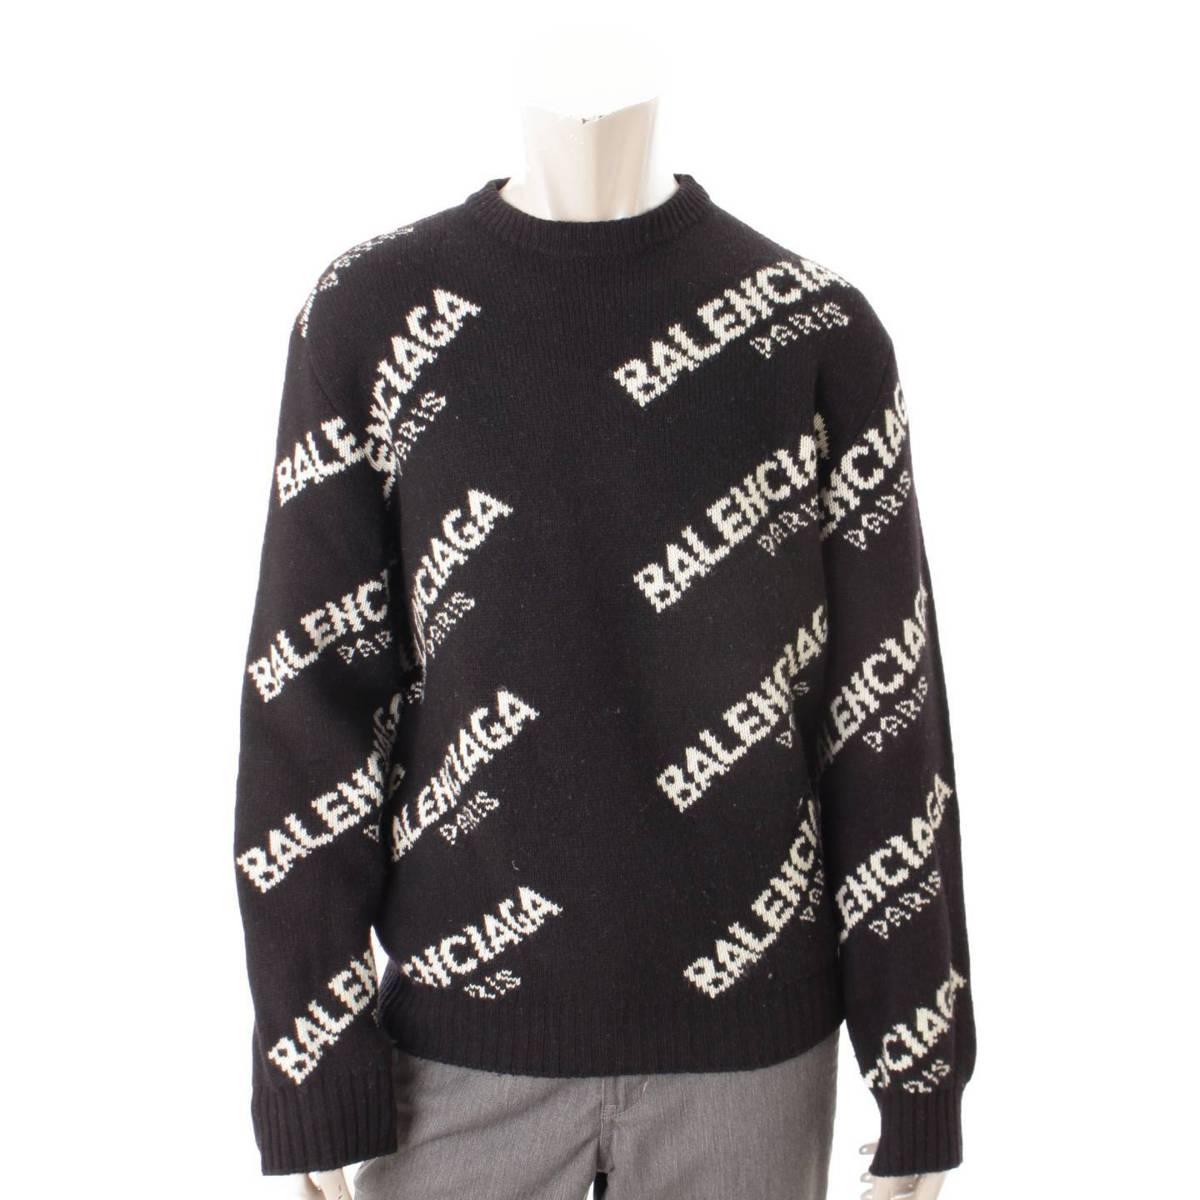 【バレンシアガ】Balenciaga メンズ ジャガードロゴ ニット セーター 507287 ブラック S 【中古】【鑑定済・正規品保証】86851